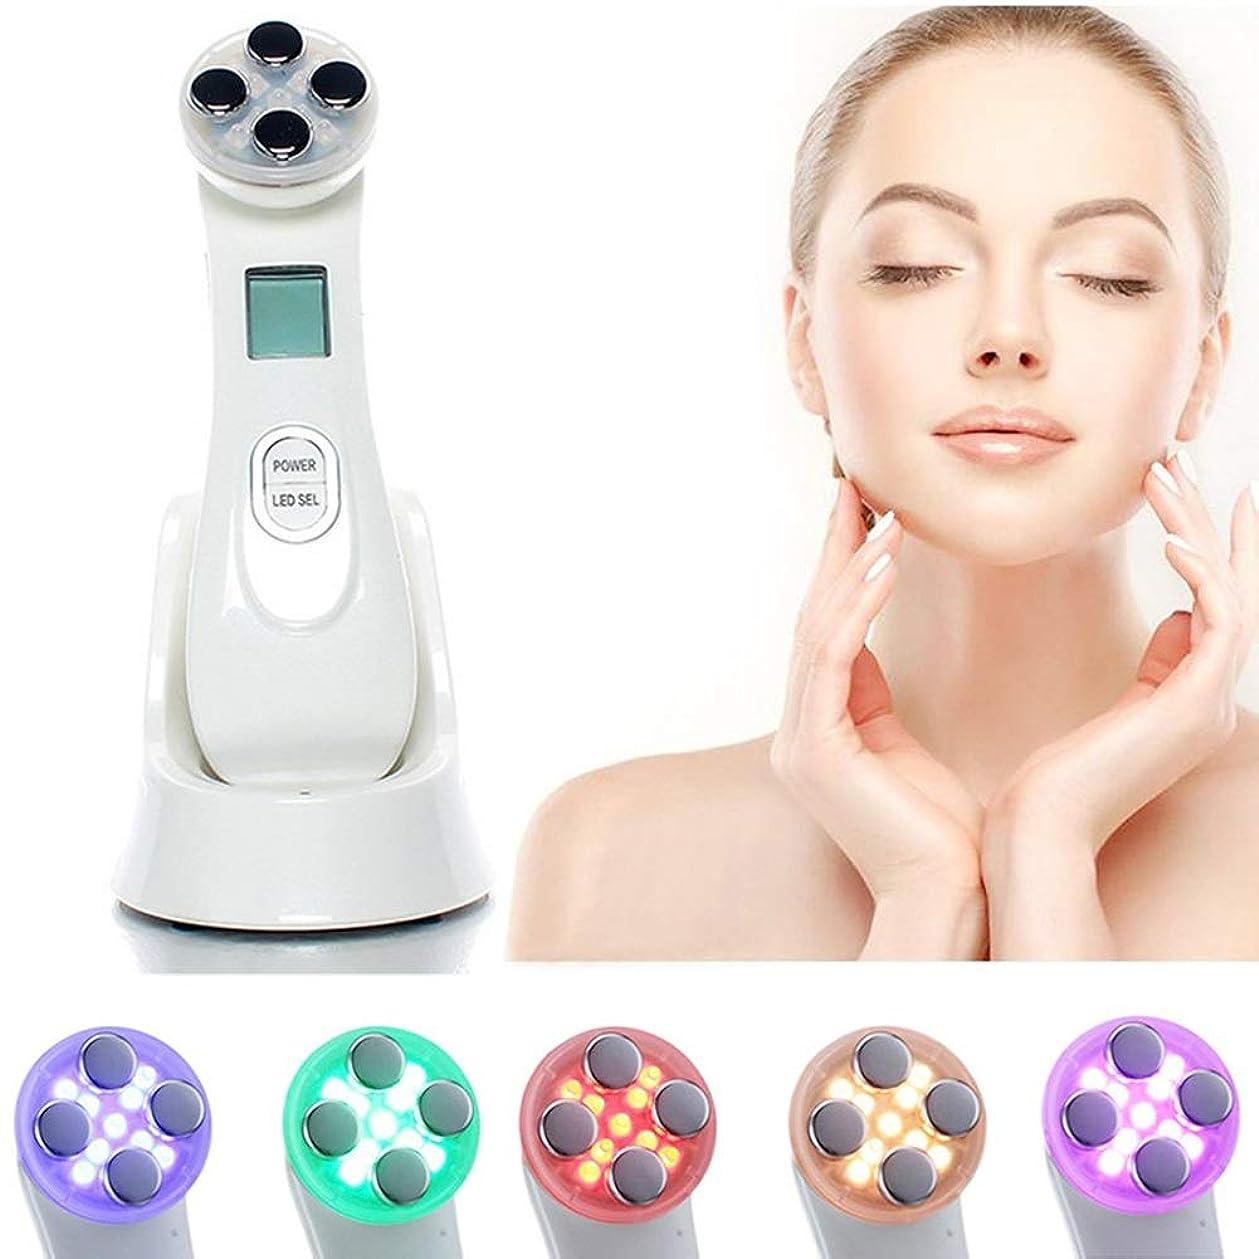 説得力のある茎香りRF美容機、高周波フェイシャルマシン、アンチエイジングフェイスリフティング用のEMSスキンケアデバイスしわ除去フェイスを締めますボディとフェイス美容デバイス用のスキンケアを締めます